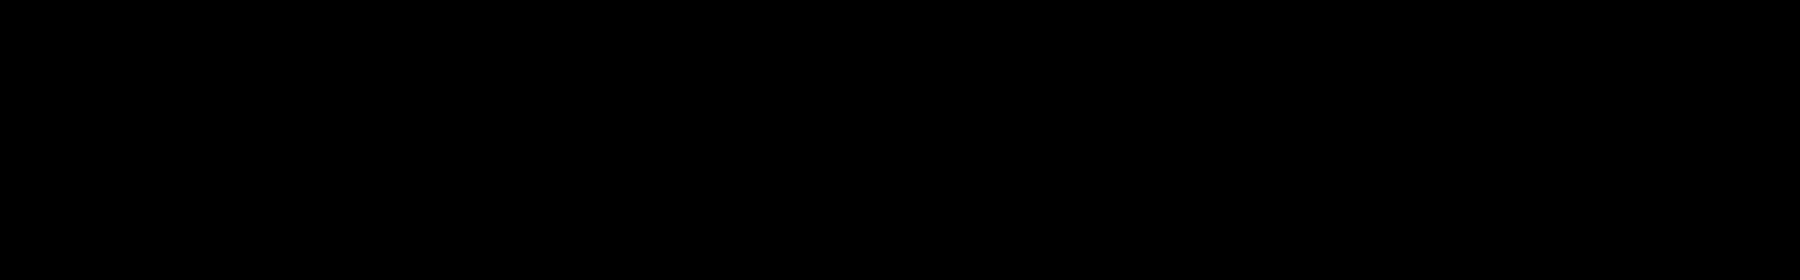 Ultimate Midi Bundle audio waveform